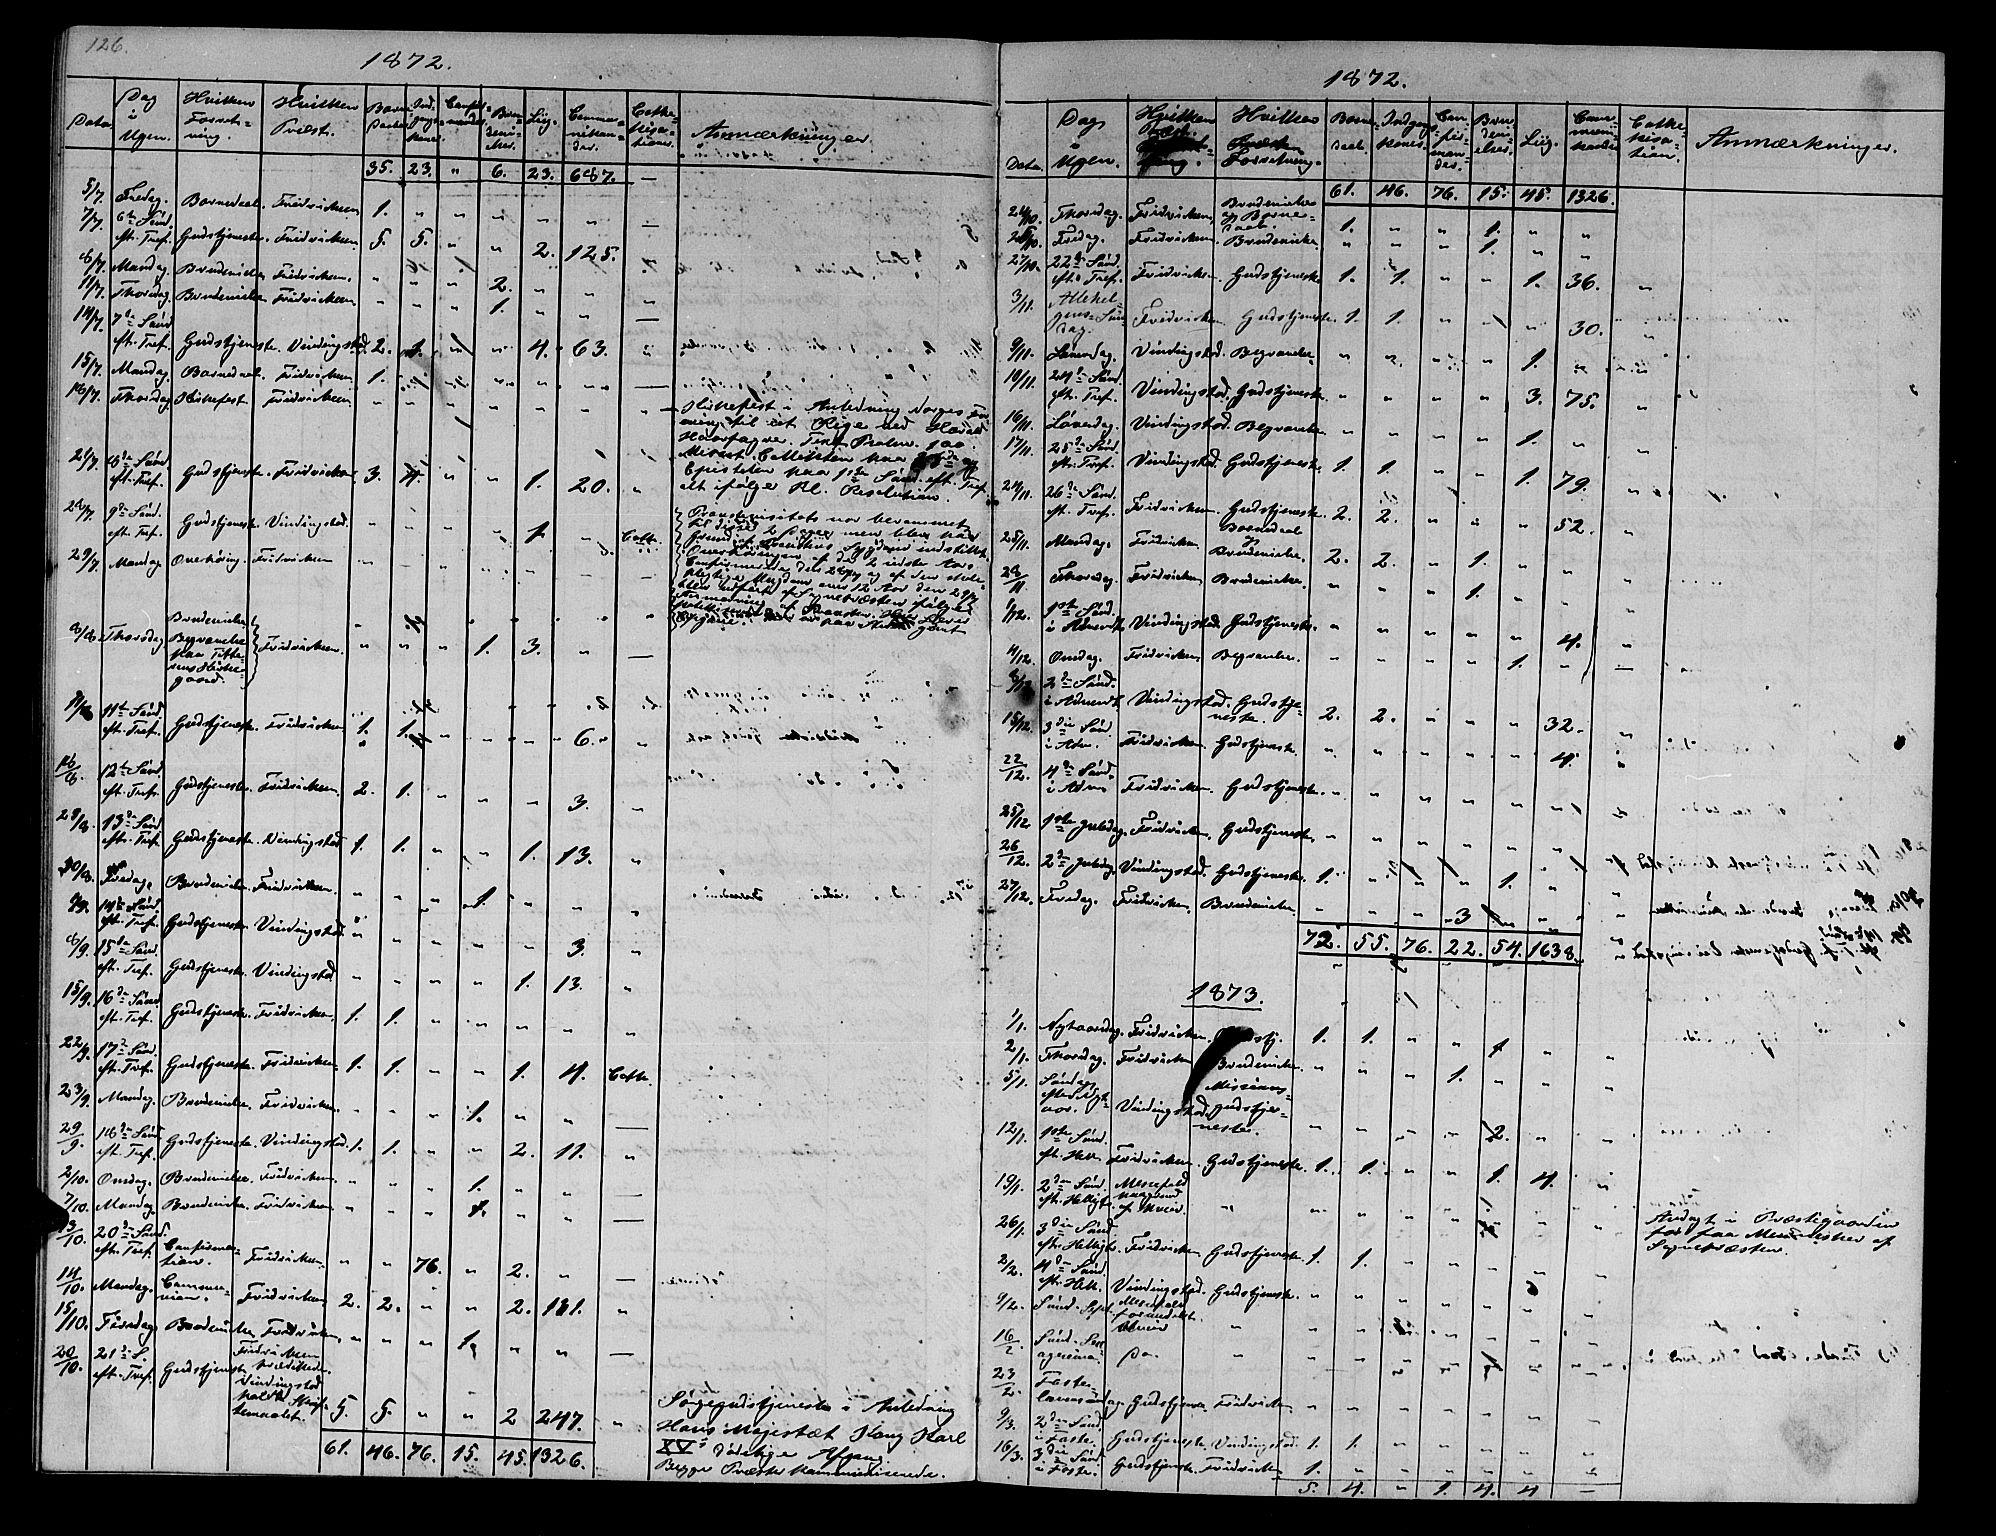 SAT, Ministerialprotokoller, klokkerbøker og fødselsregistre - Sør-Trøndelag, 634/L0539: Klokkerbok nr. 634C01, 1866-1873, s. 126